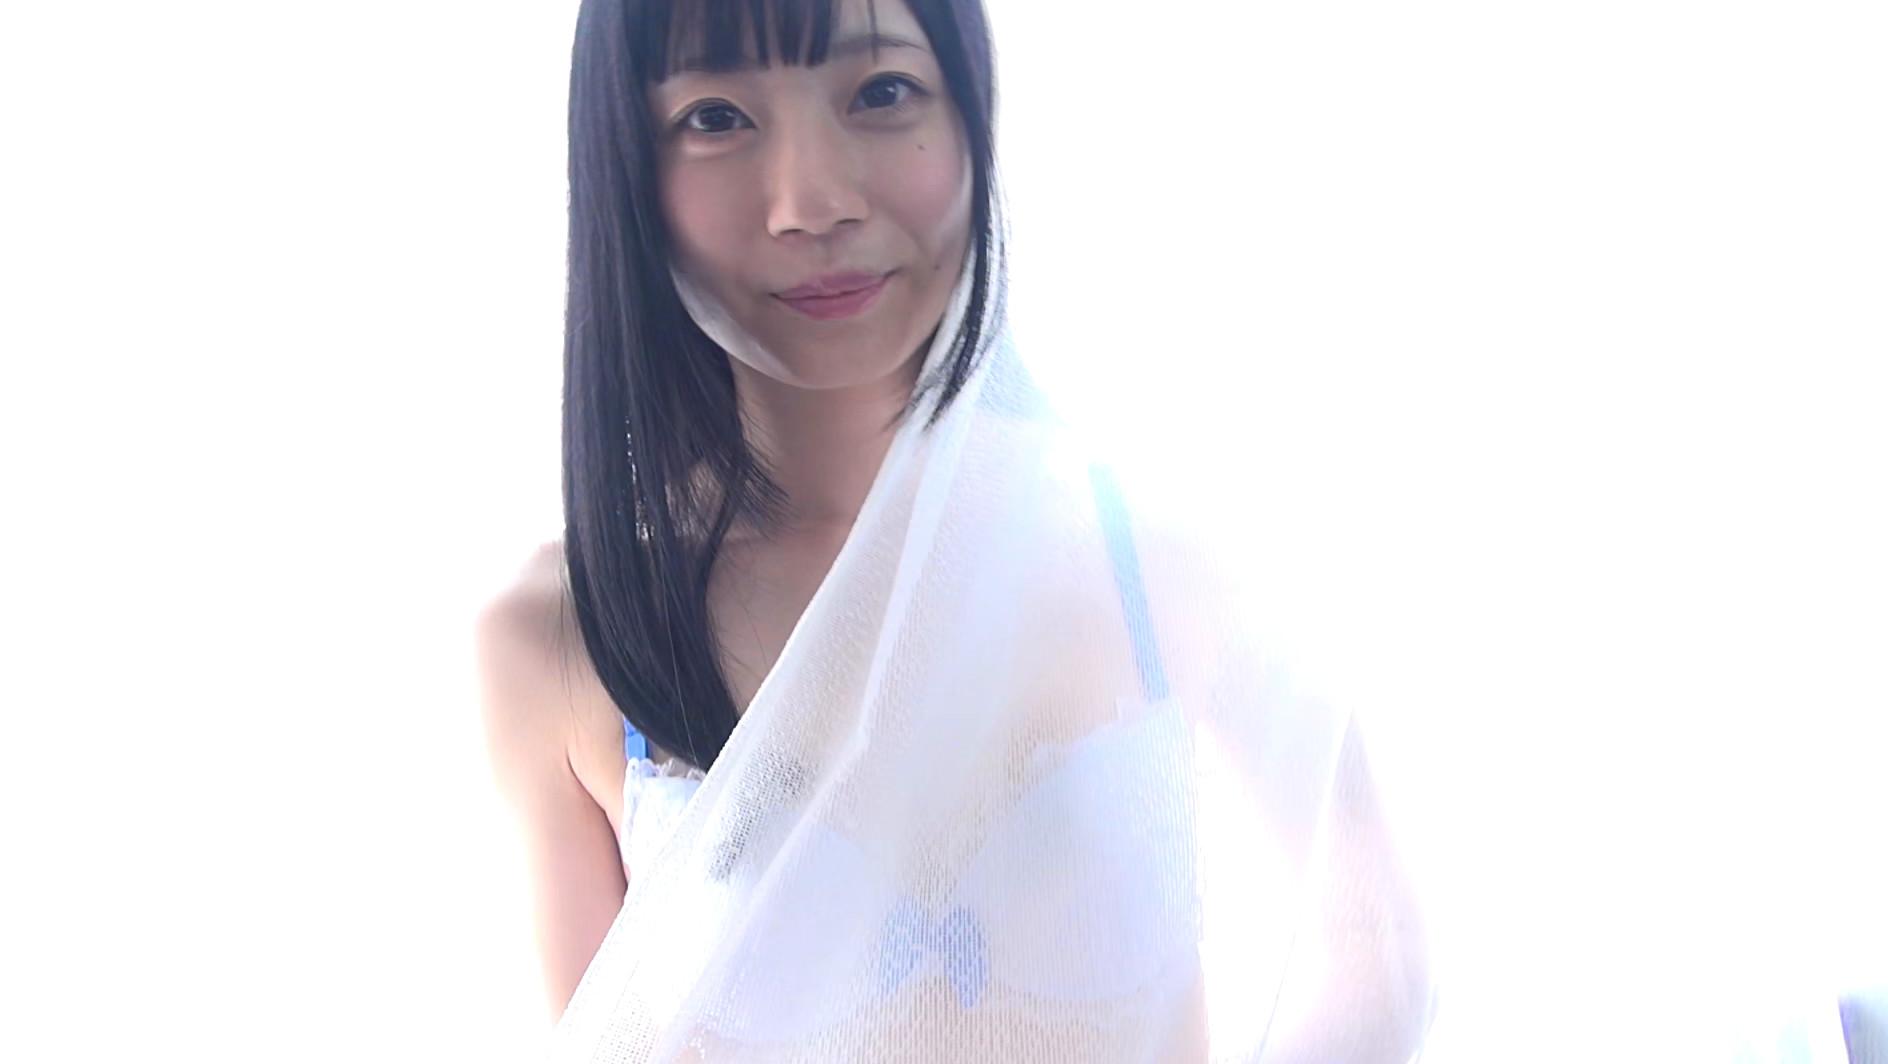 ヘアーヌード~無修正・妹系女子大生・美少女・ロ●ータセクシー女優~ 七沢みあ 画像9